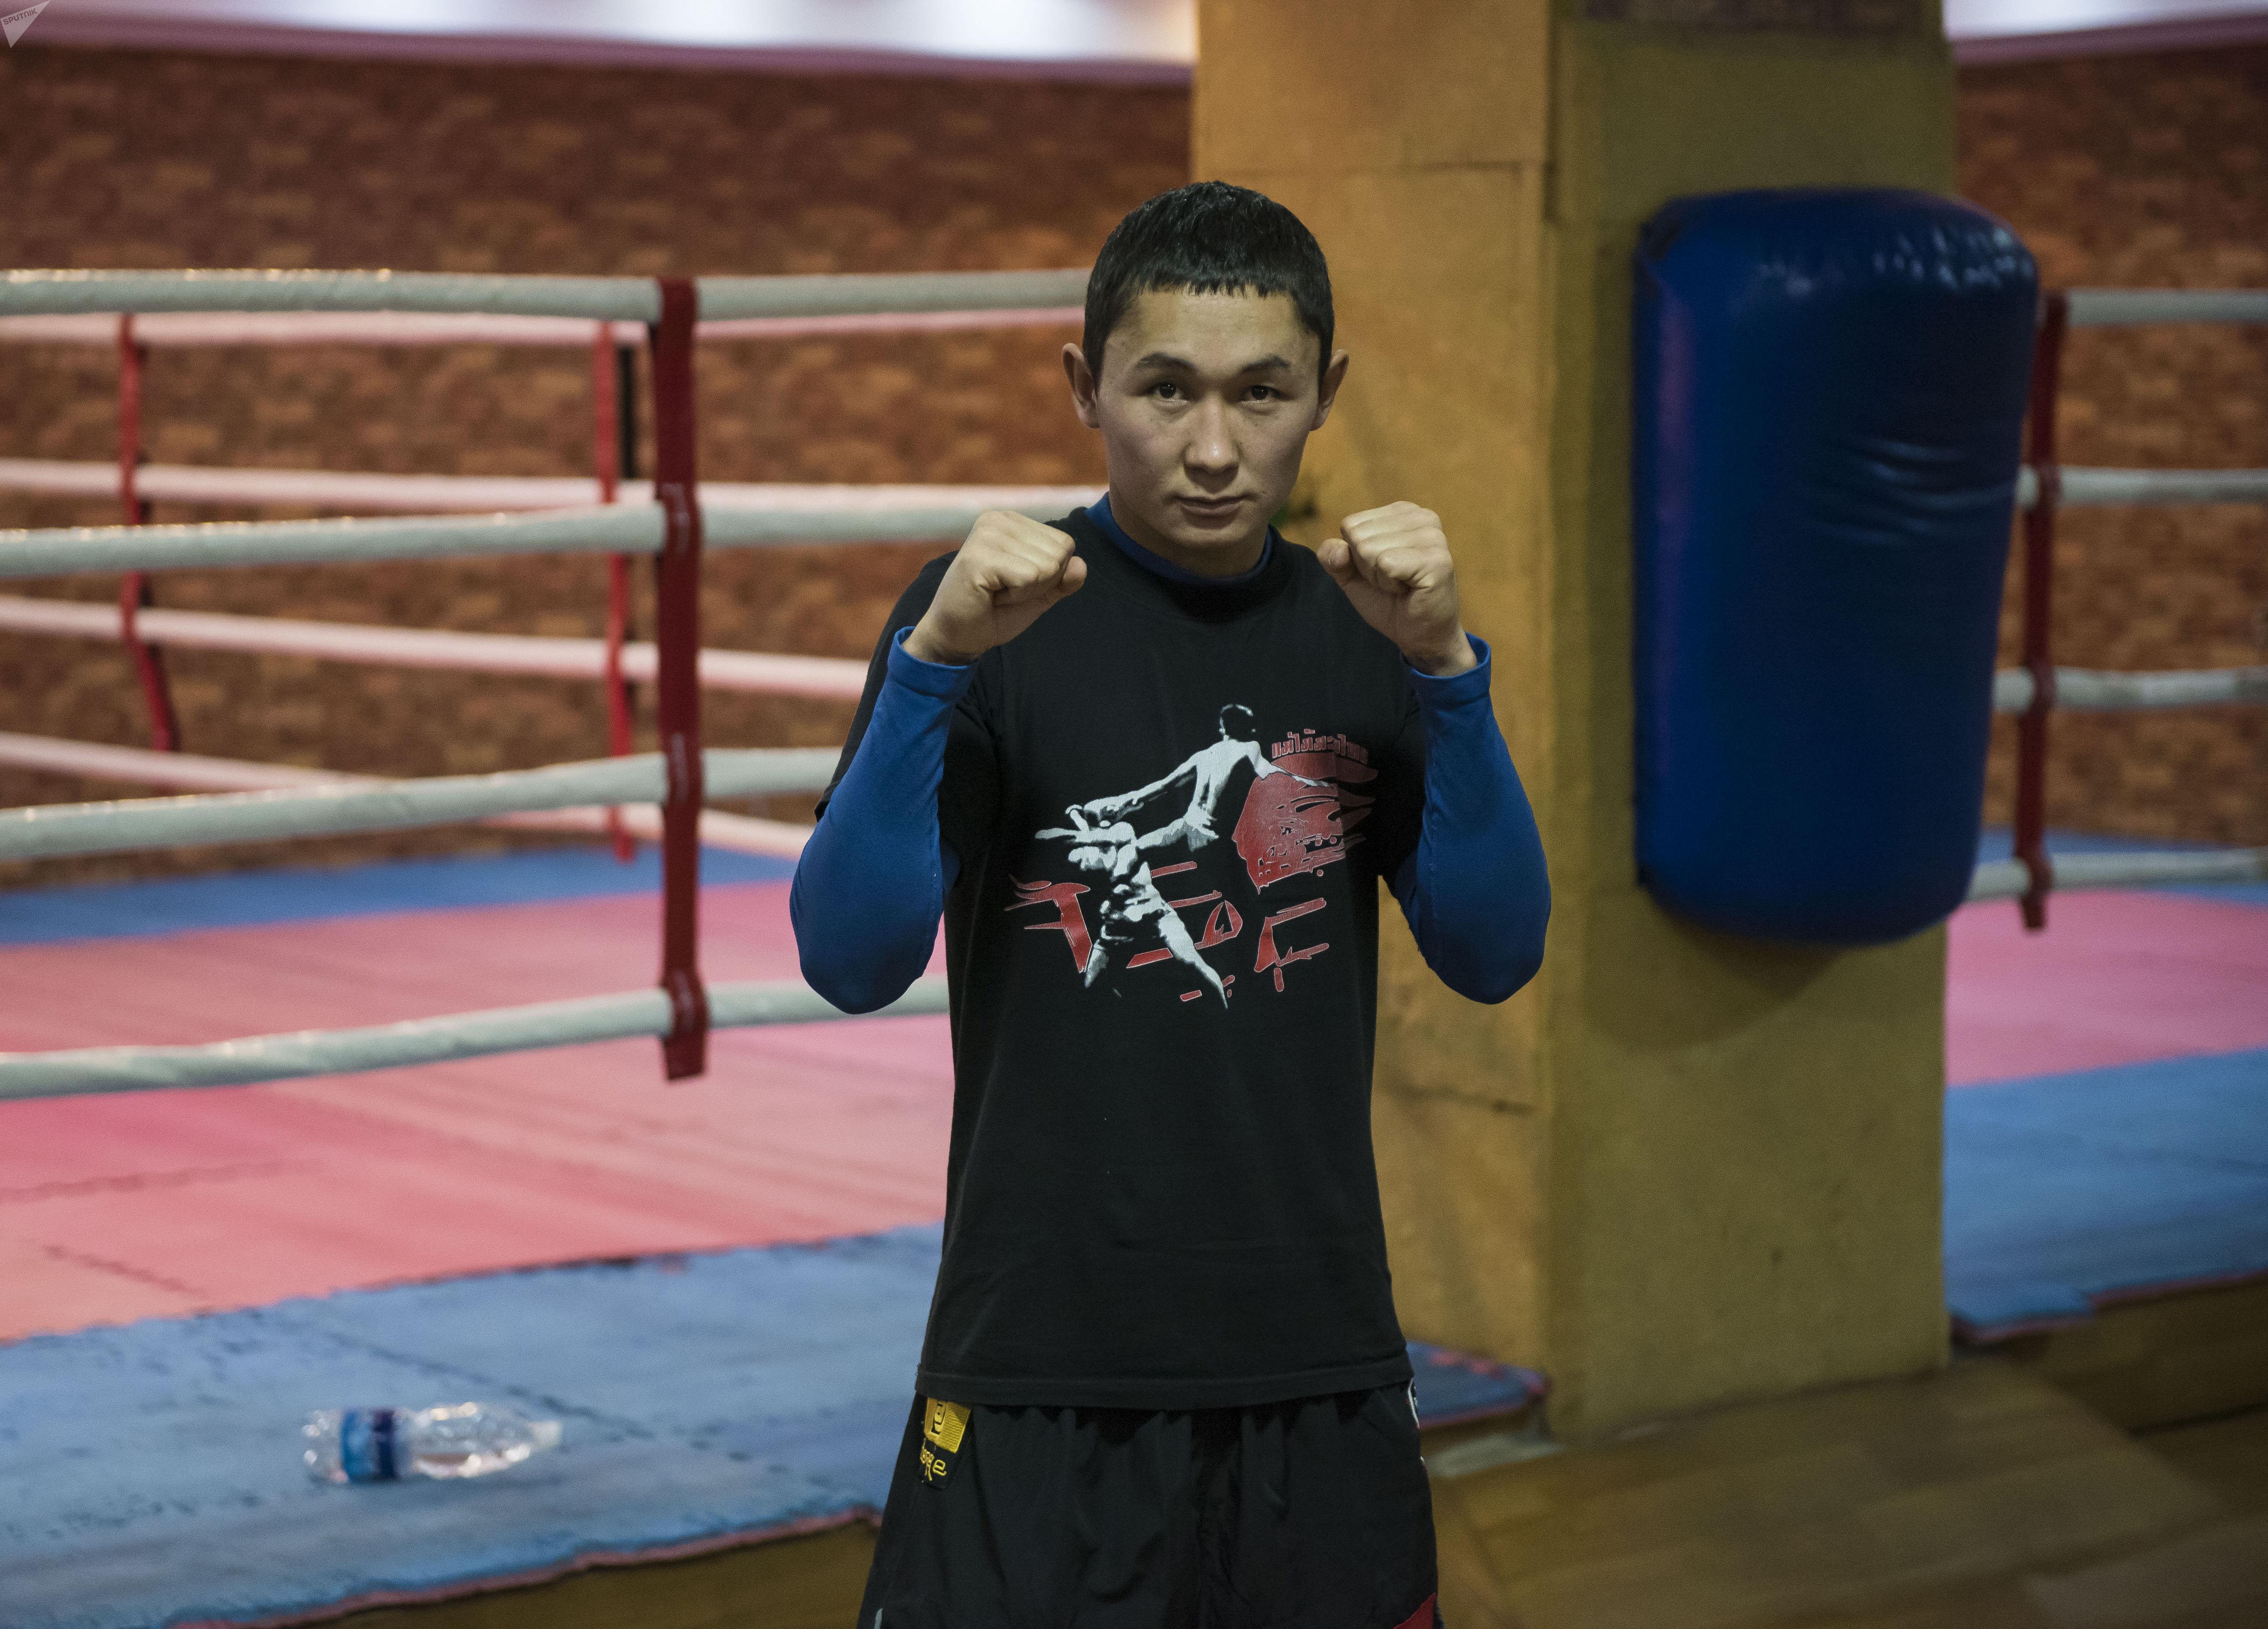 Кыргызстанкий кикбоксер, чемпион мира (2013), чемпион азии (2017) и многократный чемпион Кыргызстана Авазбек Аманбеков в тренировочном зале